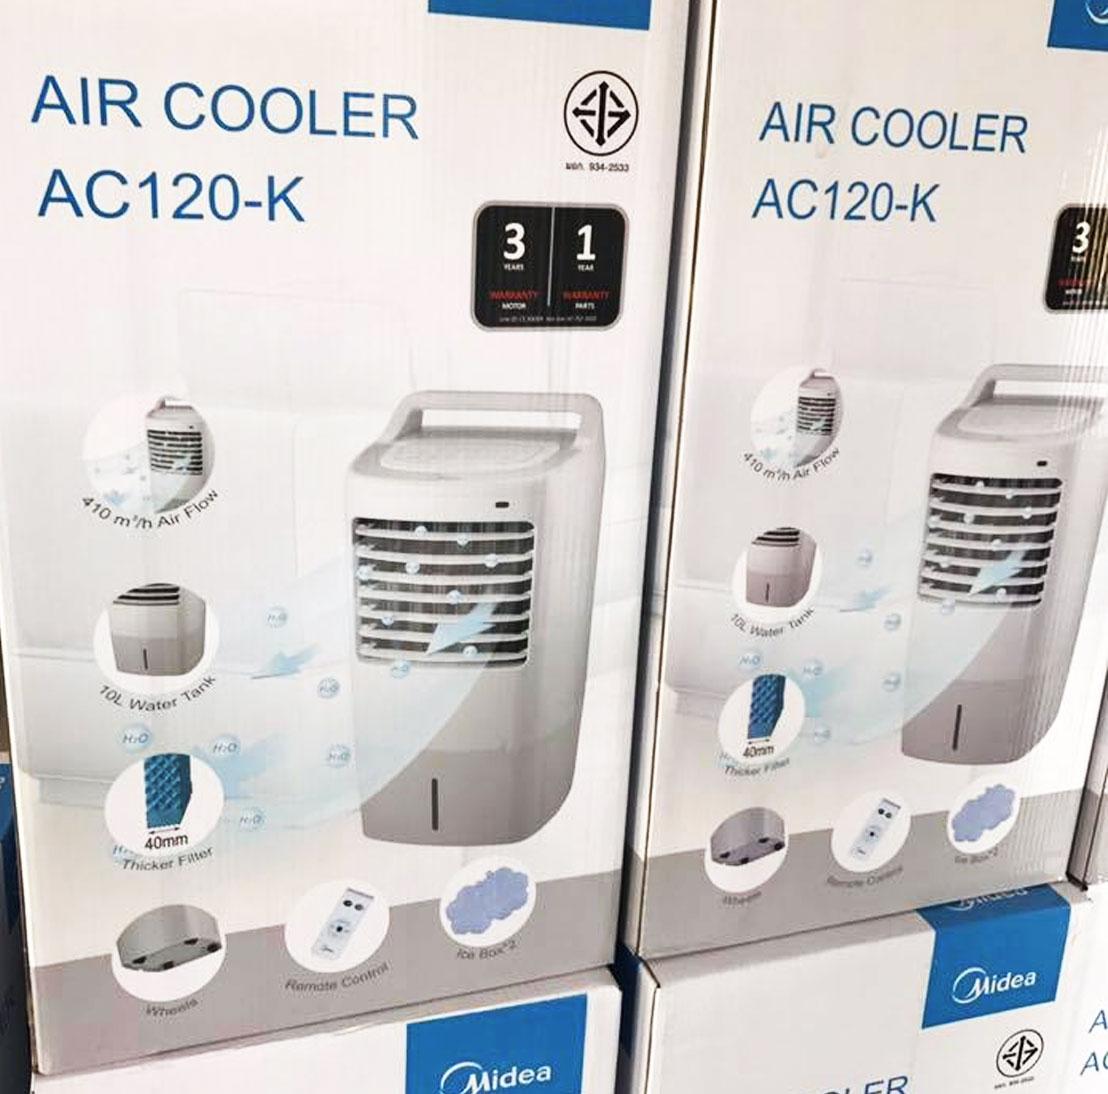 พัดลมไอเย็น Midea รุ่น AC120 K บรรจุน้ำได้ 10 ลิตร